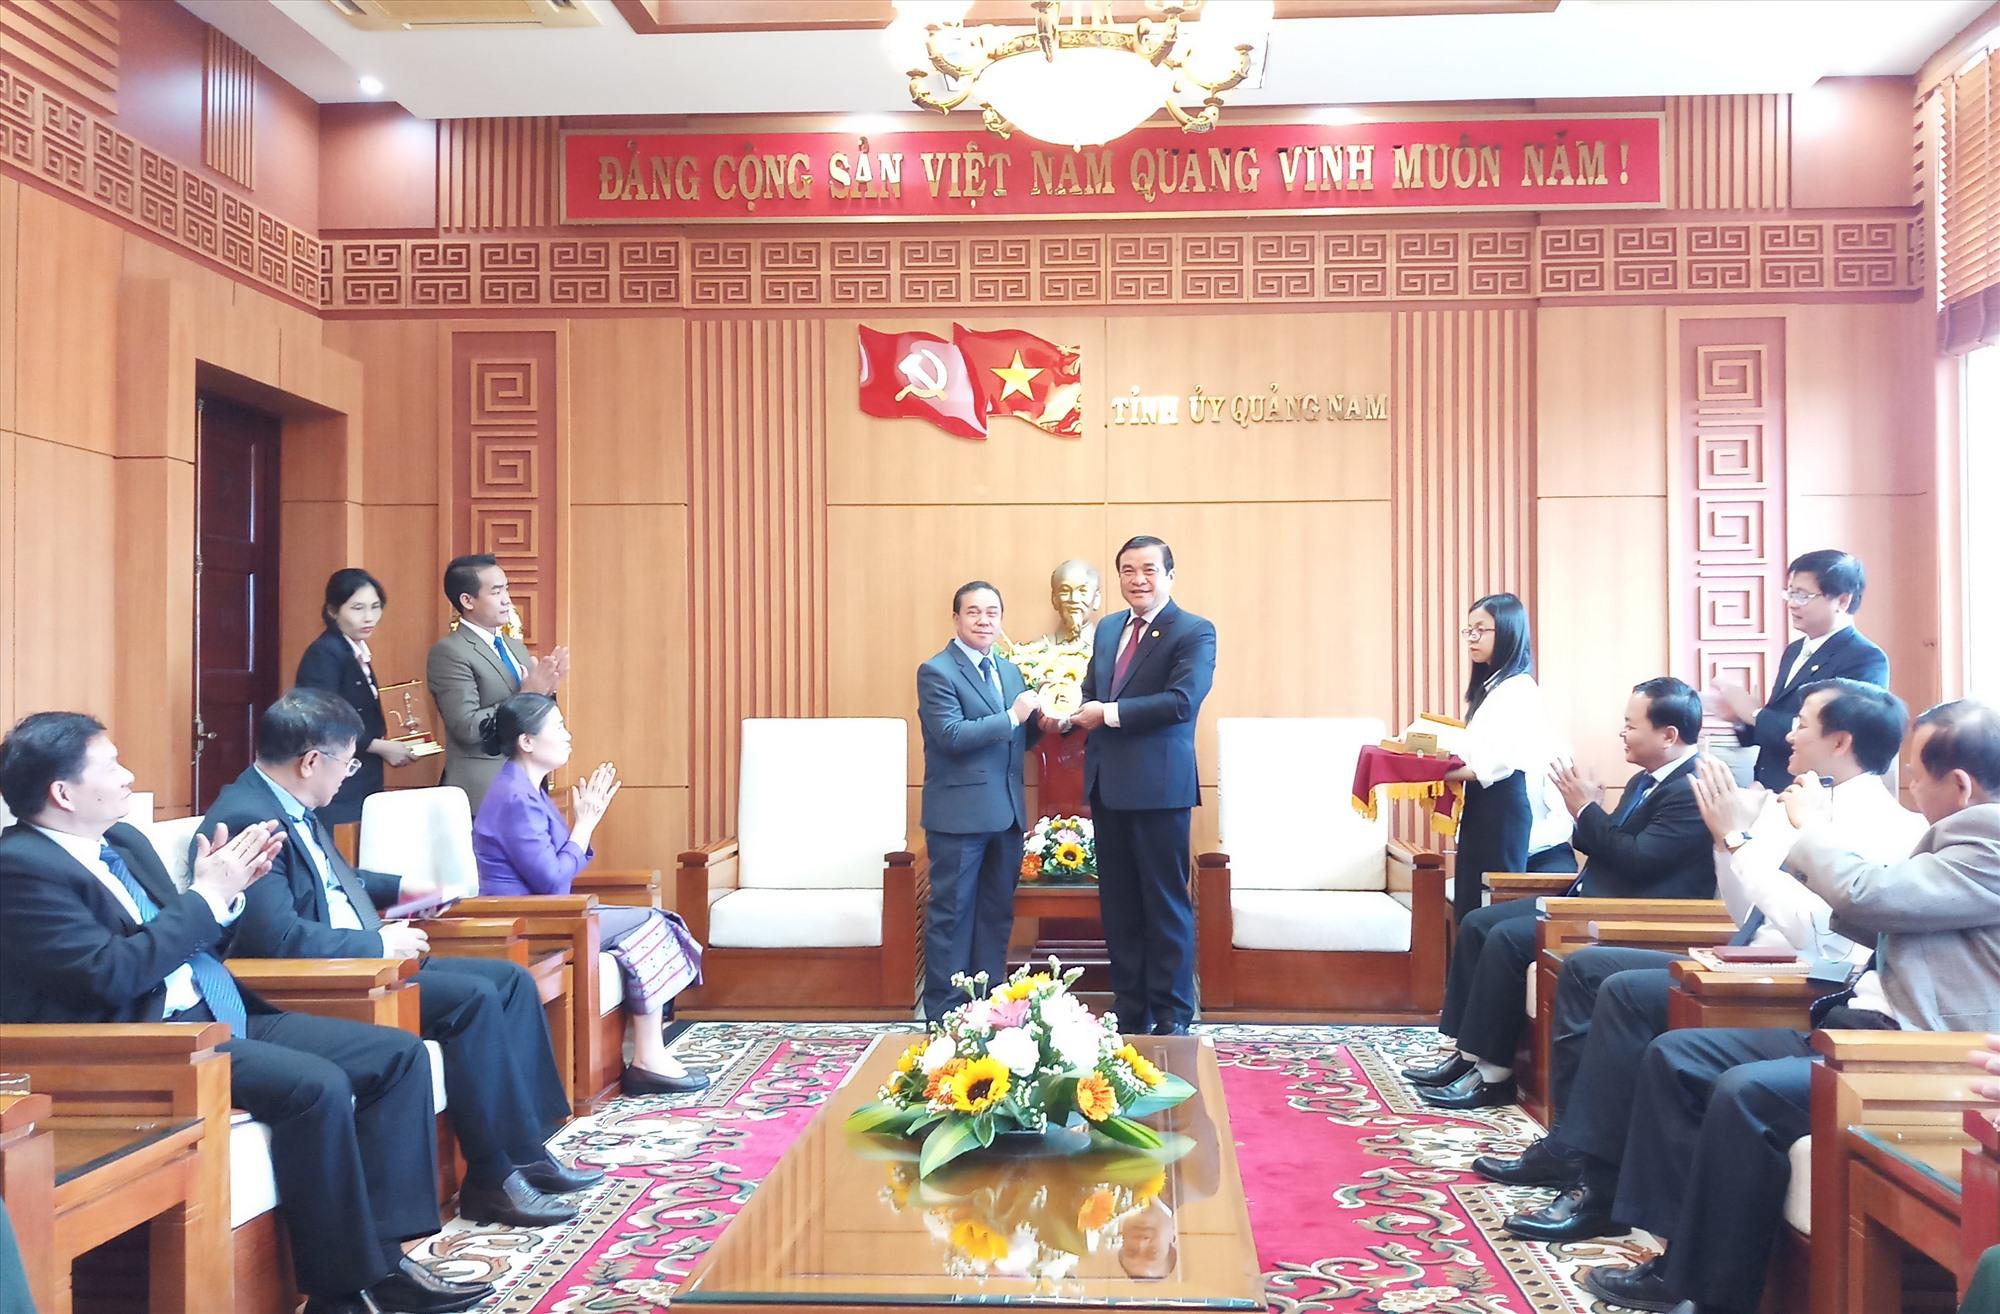 Bí thư Tỉnh ủy Phan Việt Cường tặng quà lưu niệm cho Đại sứ